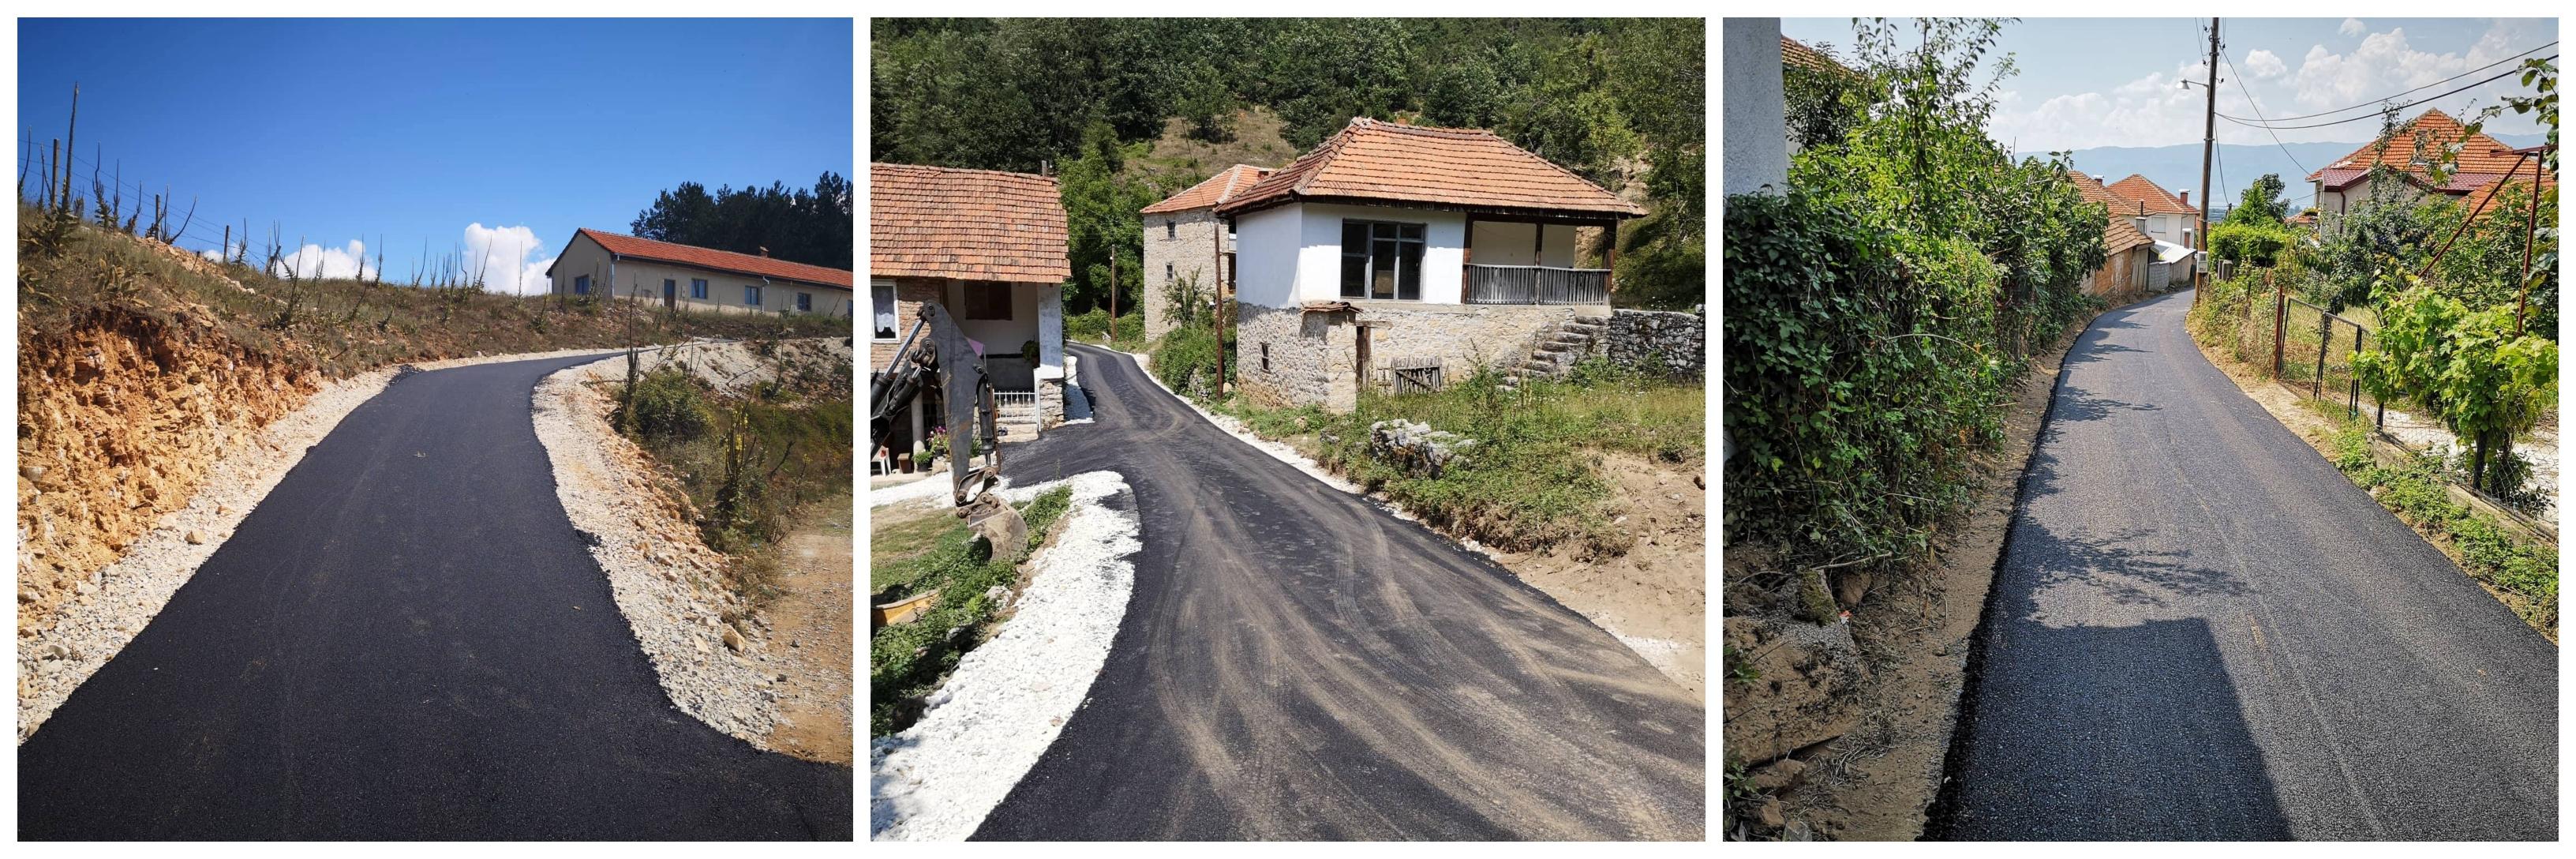 Реализација на програмата за асфалтирање и реконструирање улици во општината